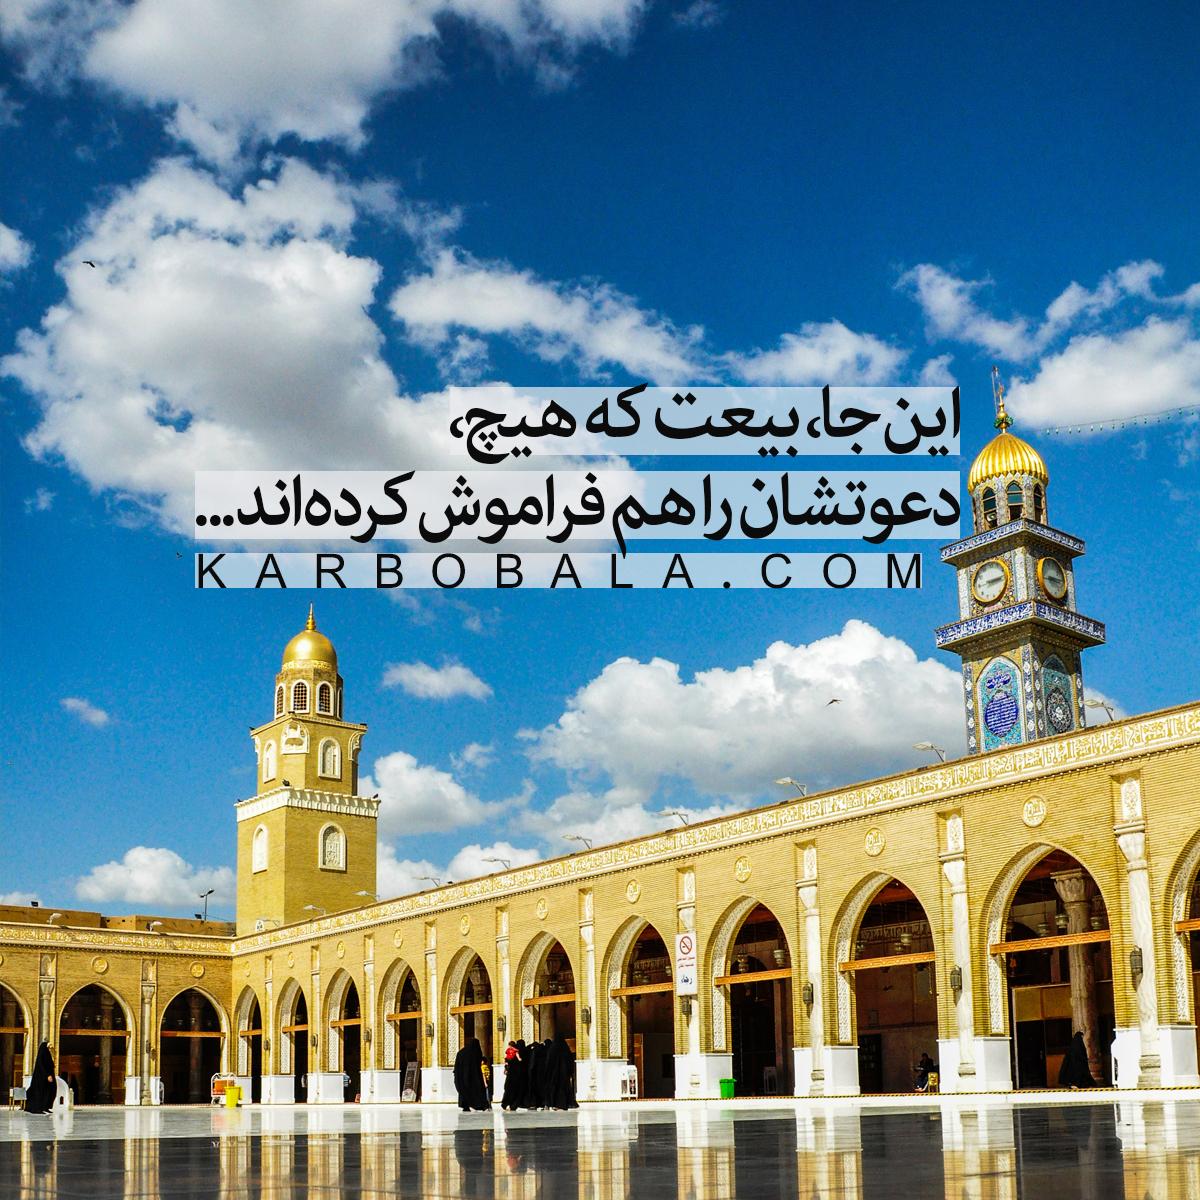 ع کرده شده بیعت فراموش شده/شهادت حضرت مسلم(ع) - کرب و بلا- سایت تخصصی ...